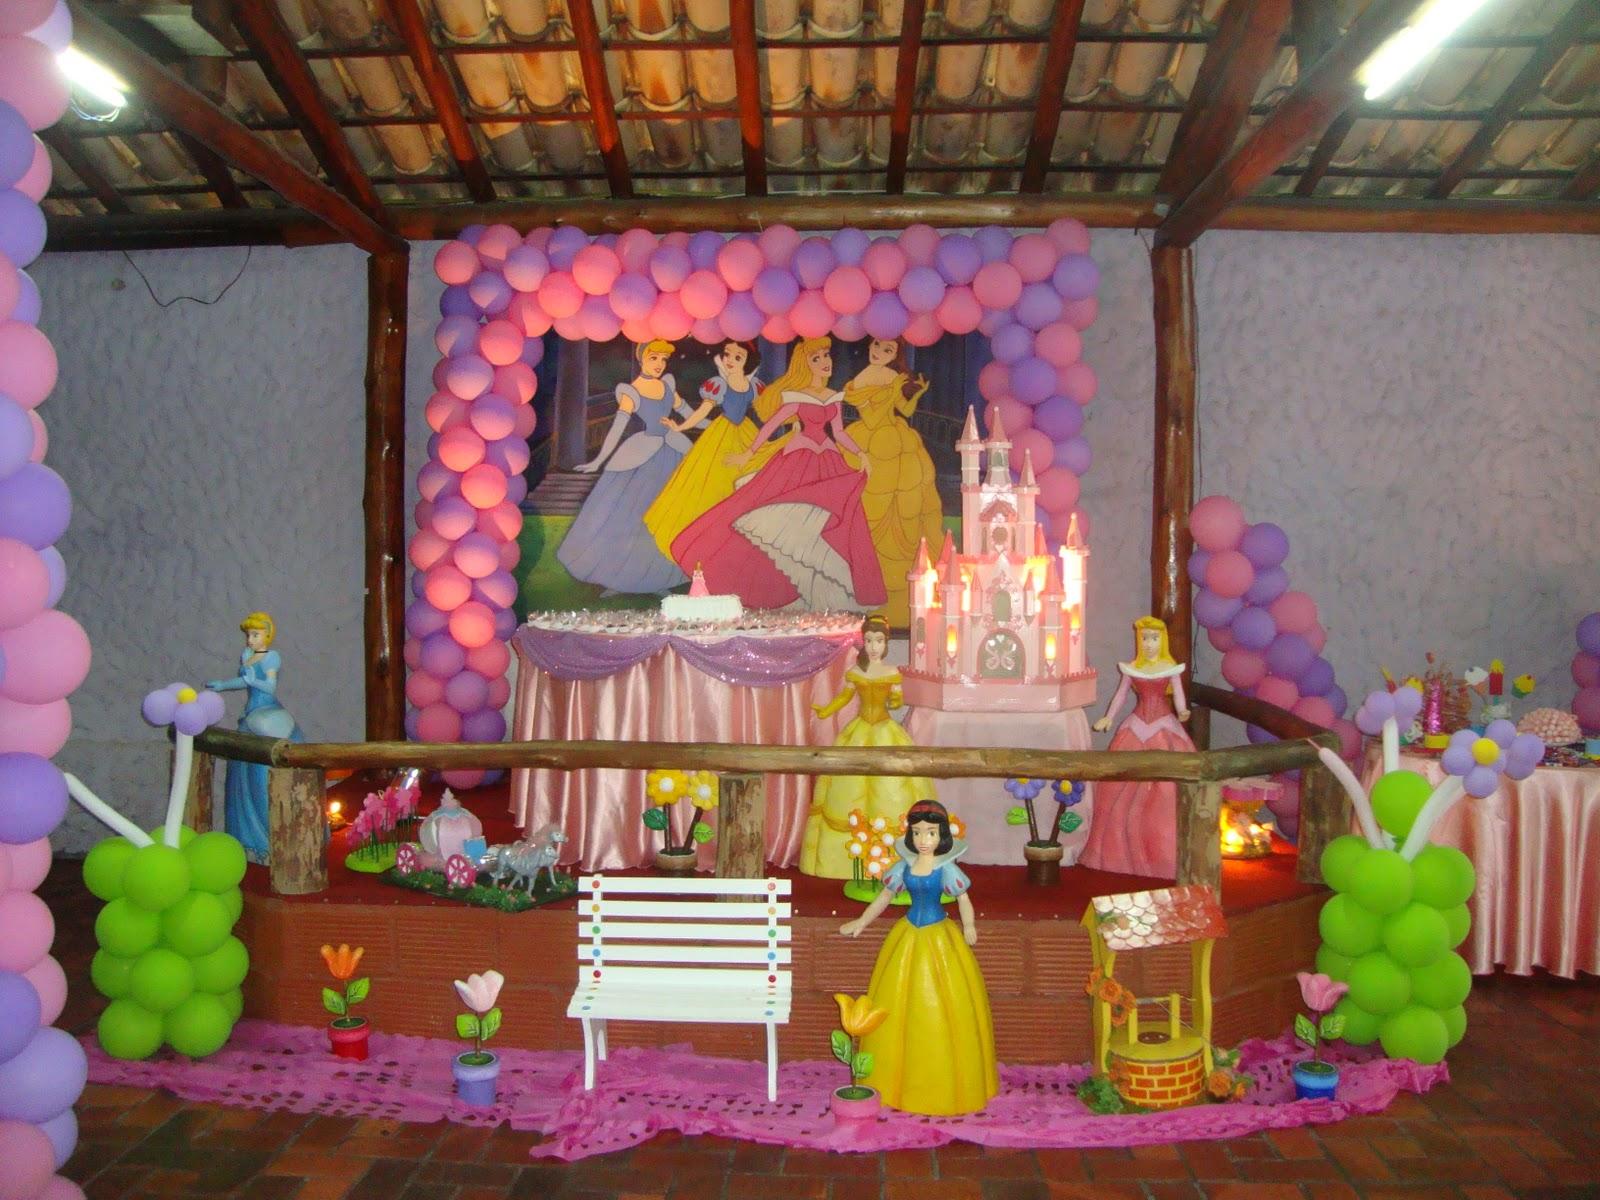 http://3.bp.blogspot.com/_XLIuhncTfGk/TMf_7R4TuwI/AAAAAAAAAAM/JGFbWPtlYfU/s1600/Niver+04+Anos+-+Princesas+022.jpg